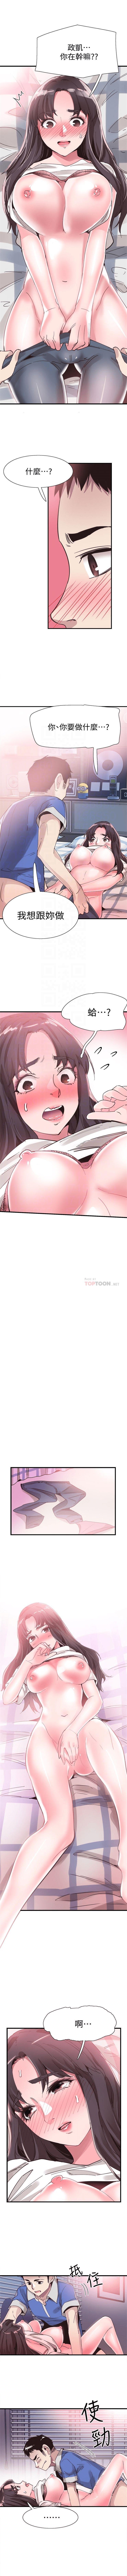 (週7)校園live秀 1-50 中文翻譯(更新中) 224